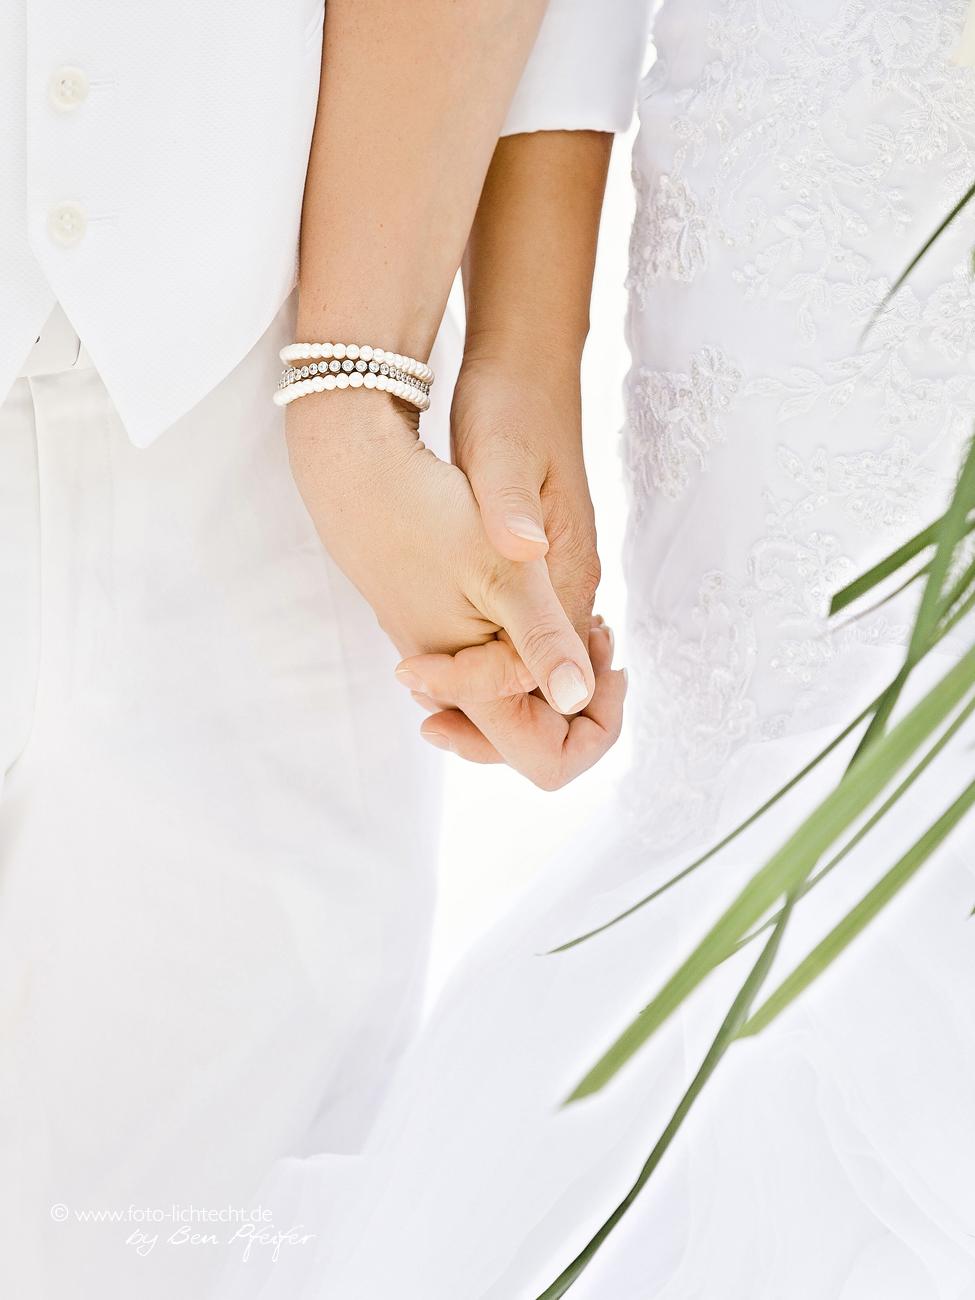 Hochzeitsfotograf, mauritius, heiraten Strandhochzeit, beachwedding, heiraten mauritius, fotograf mauritius, deutsch, Hochzeitsfotograf mauritius, lichtecht,